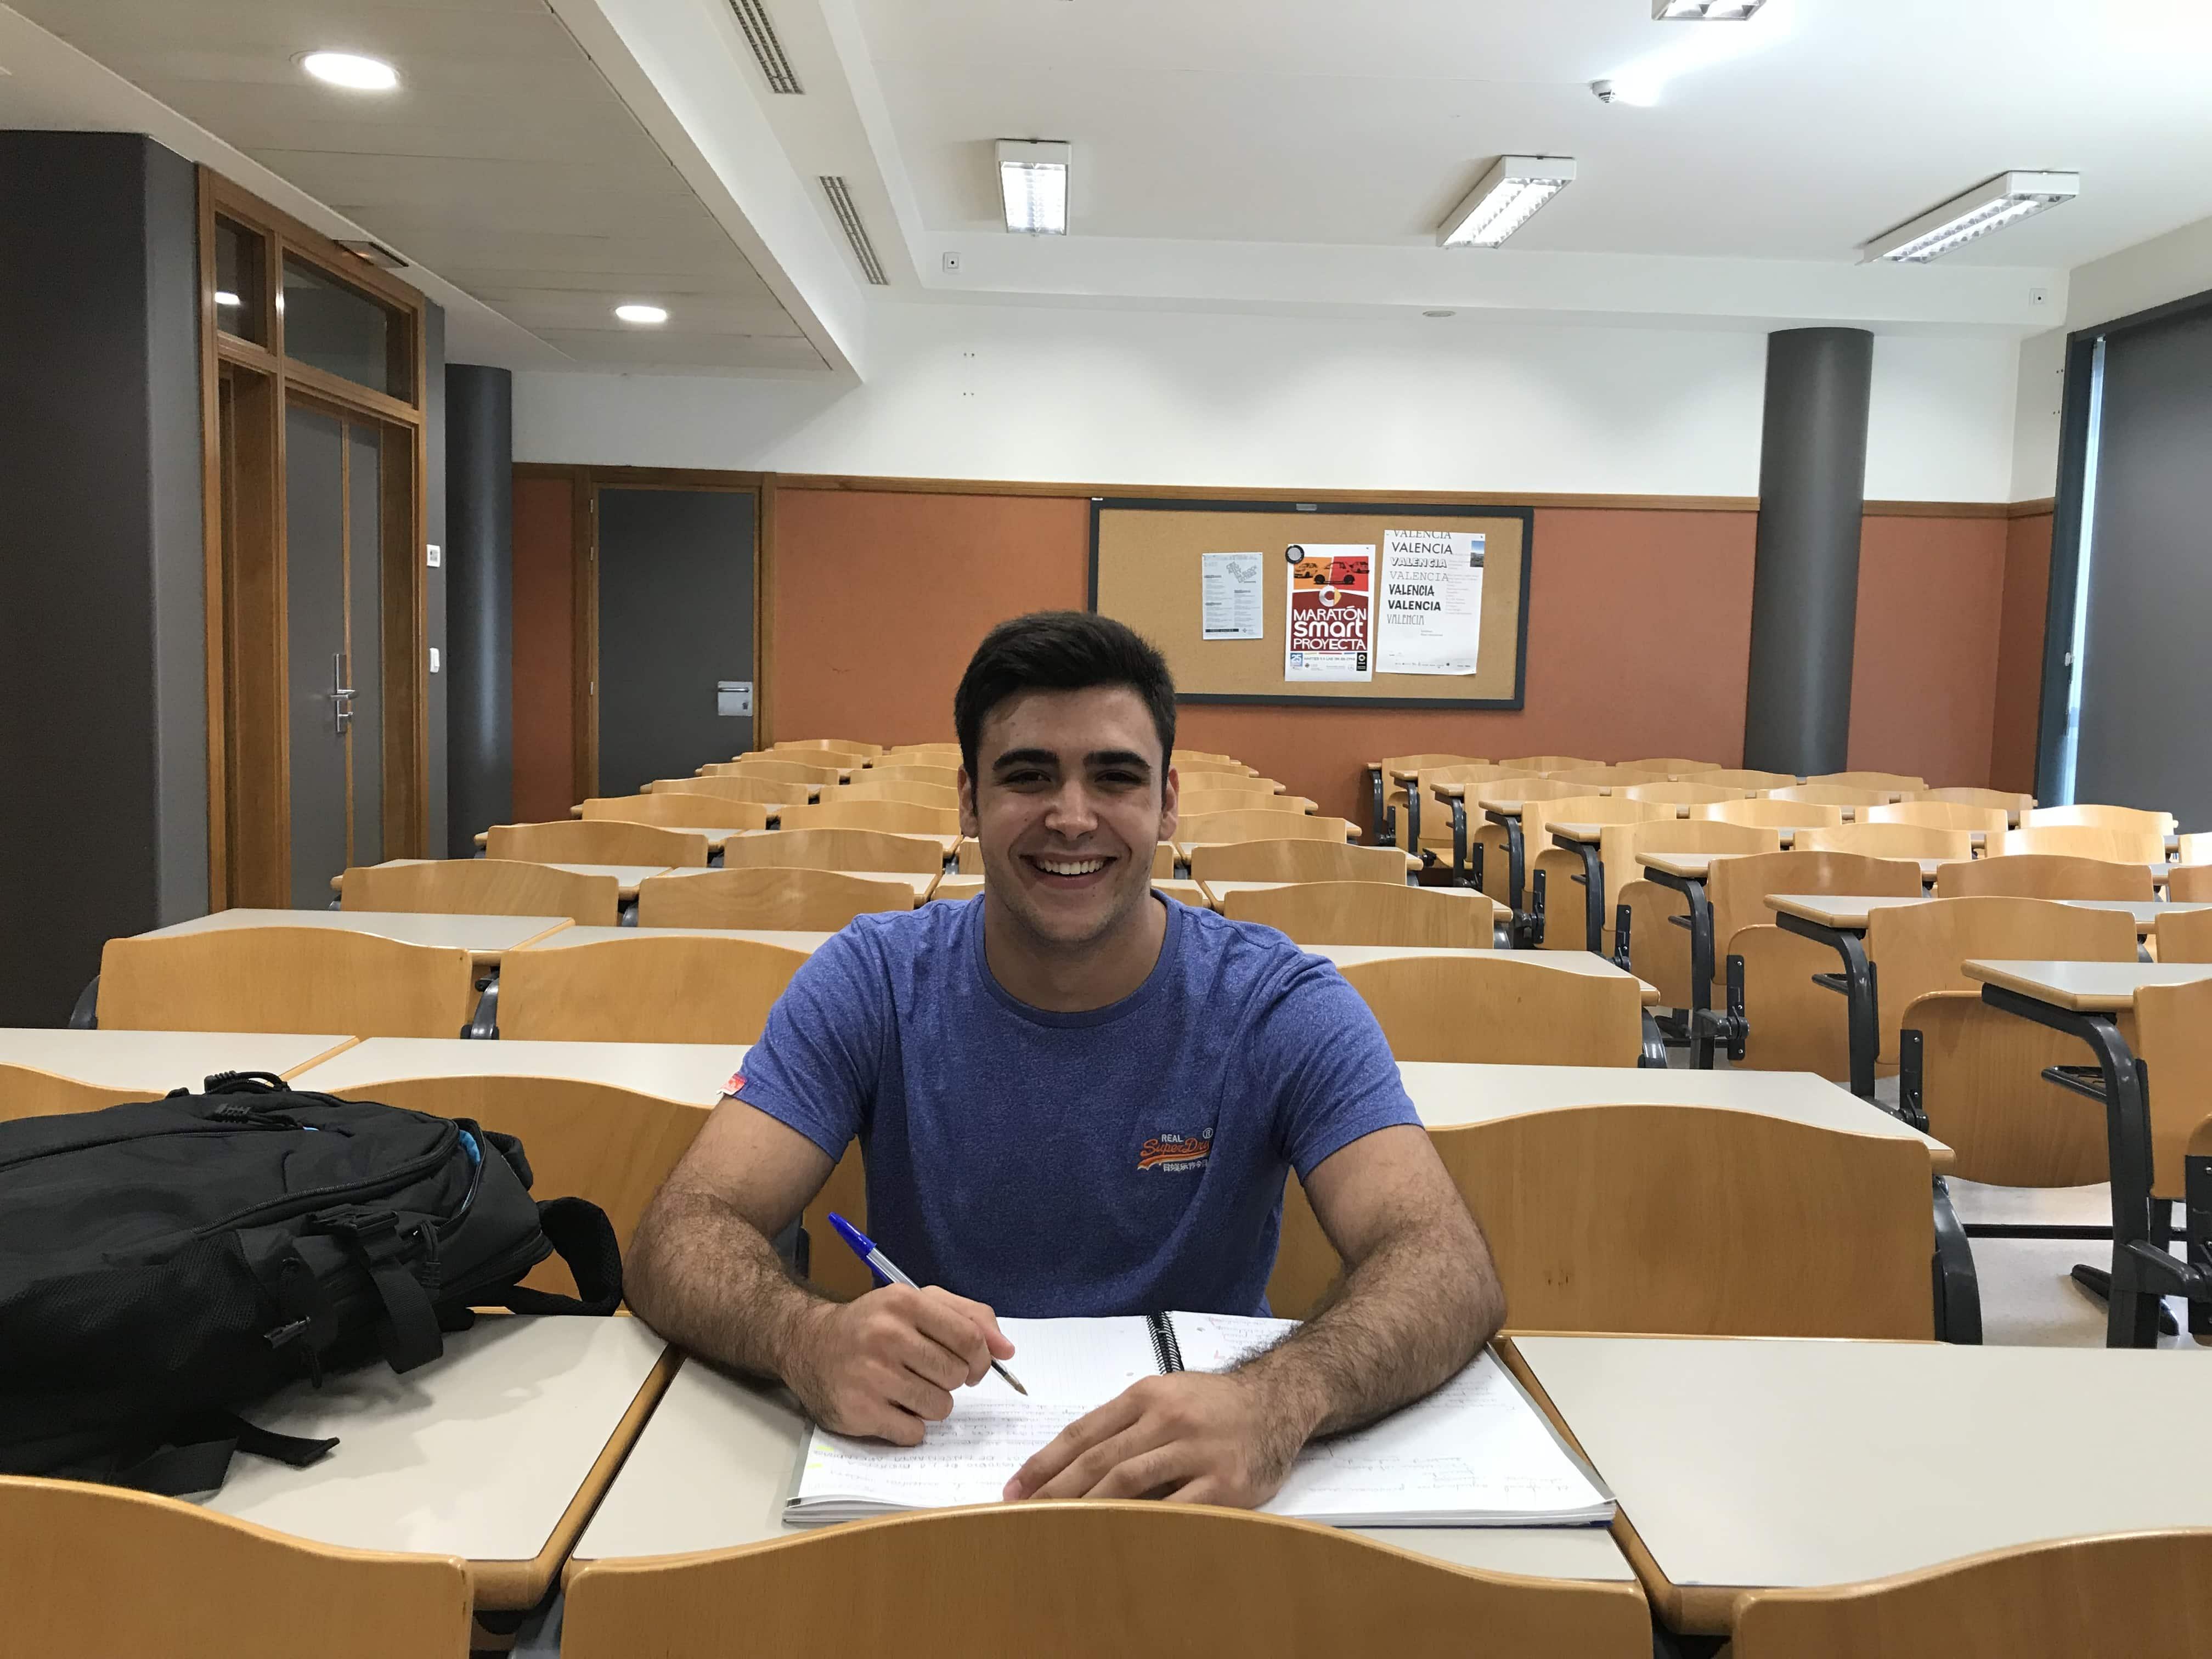 Ignacio Maestro en el aula, durante nuestra charla